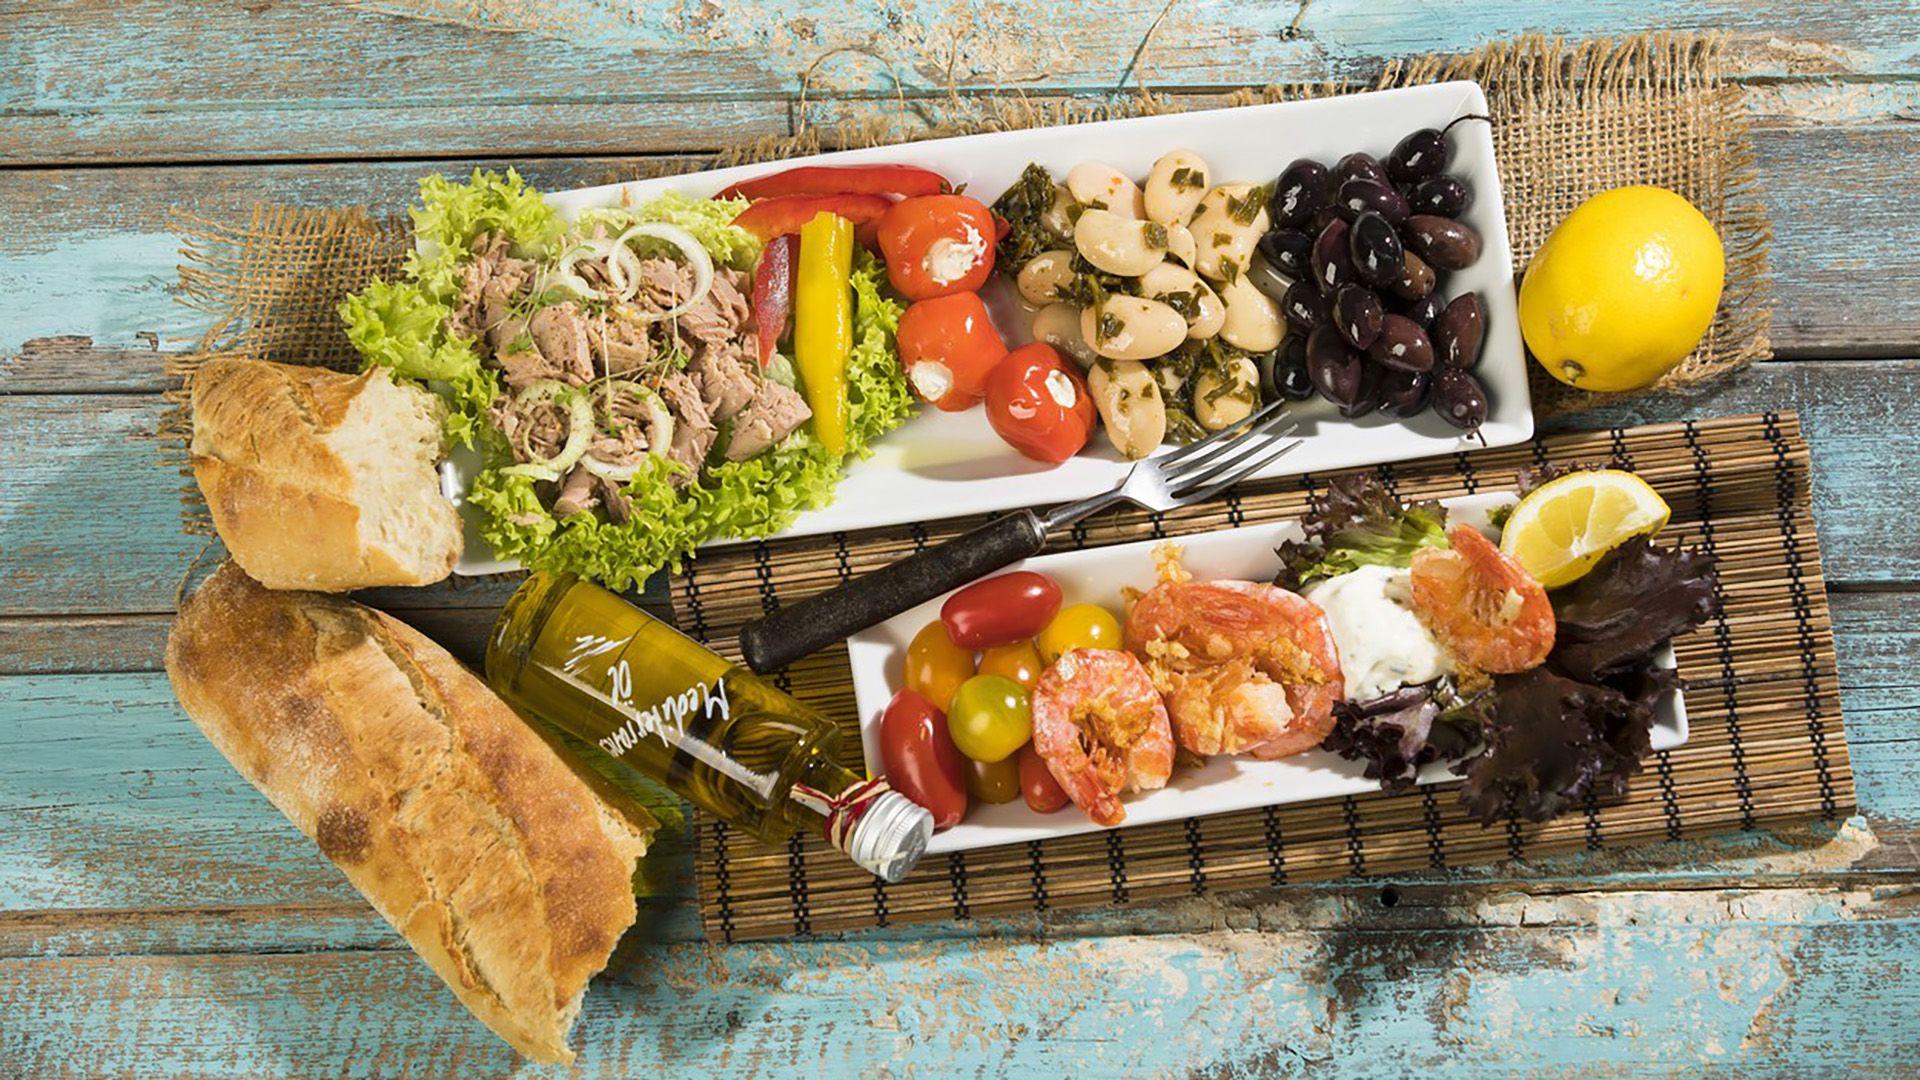 Fogyókúráznál, de nem tudod, mit ehetsz? Isteni diétás fogások, pofonegyszerűen! | ecomont.hu